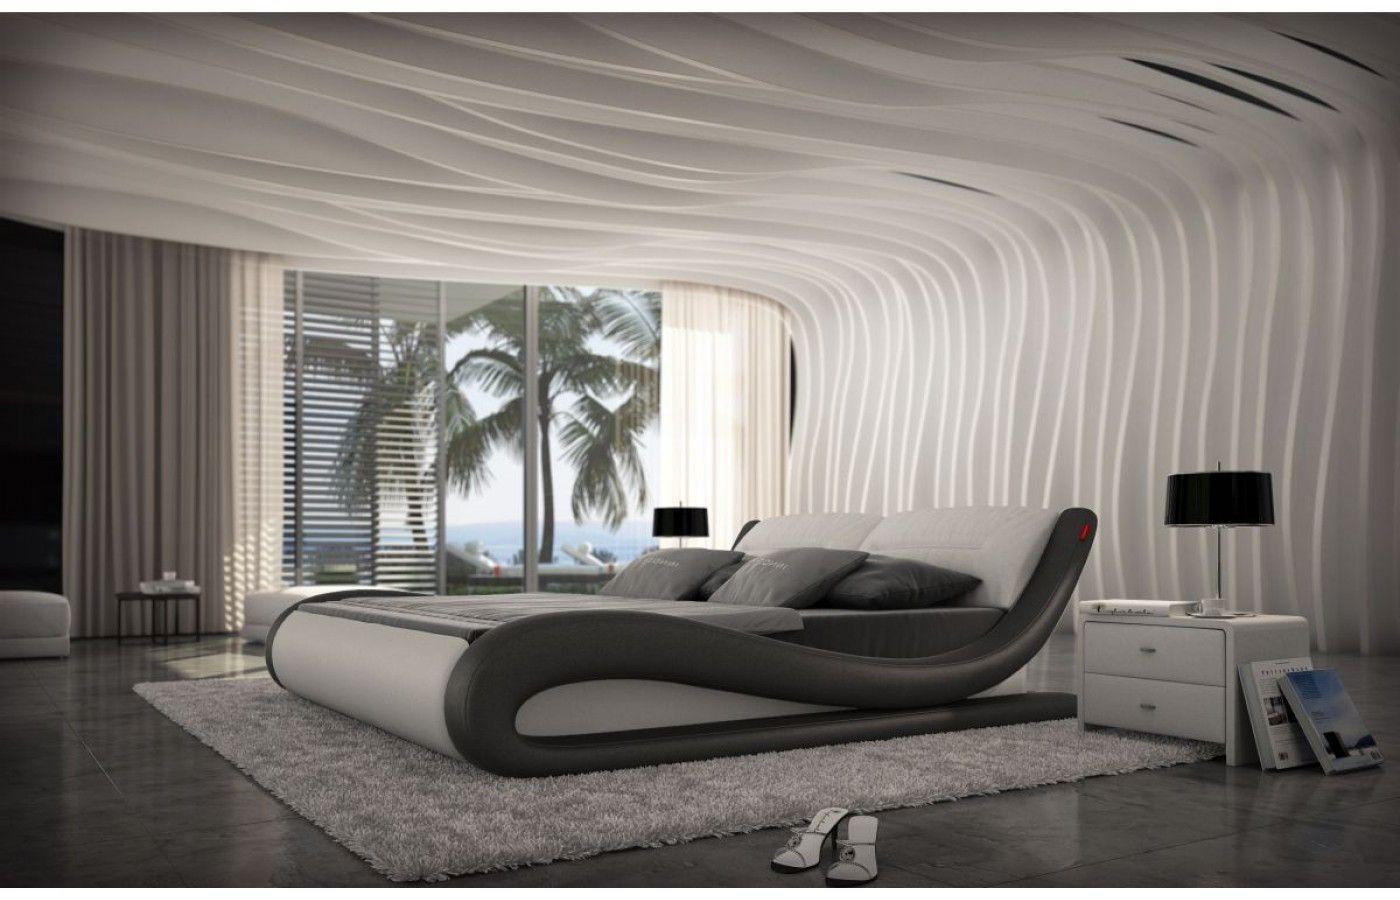 Designer Bett Aprilia Bettgestell Con Imagenes Rooms Decored Camas Madera